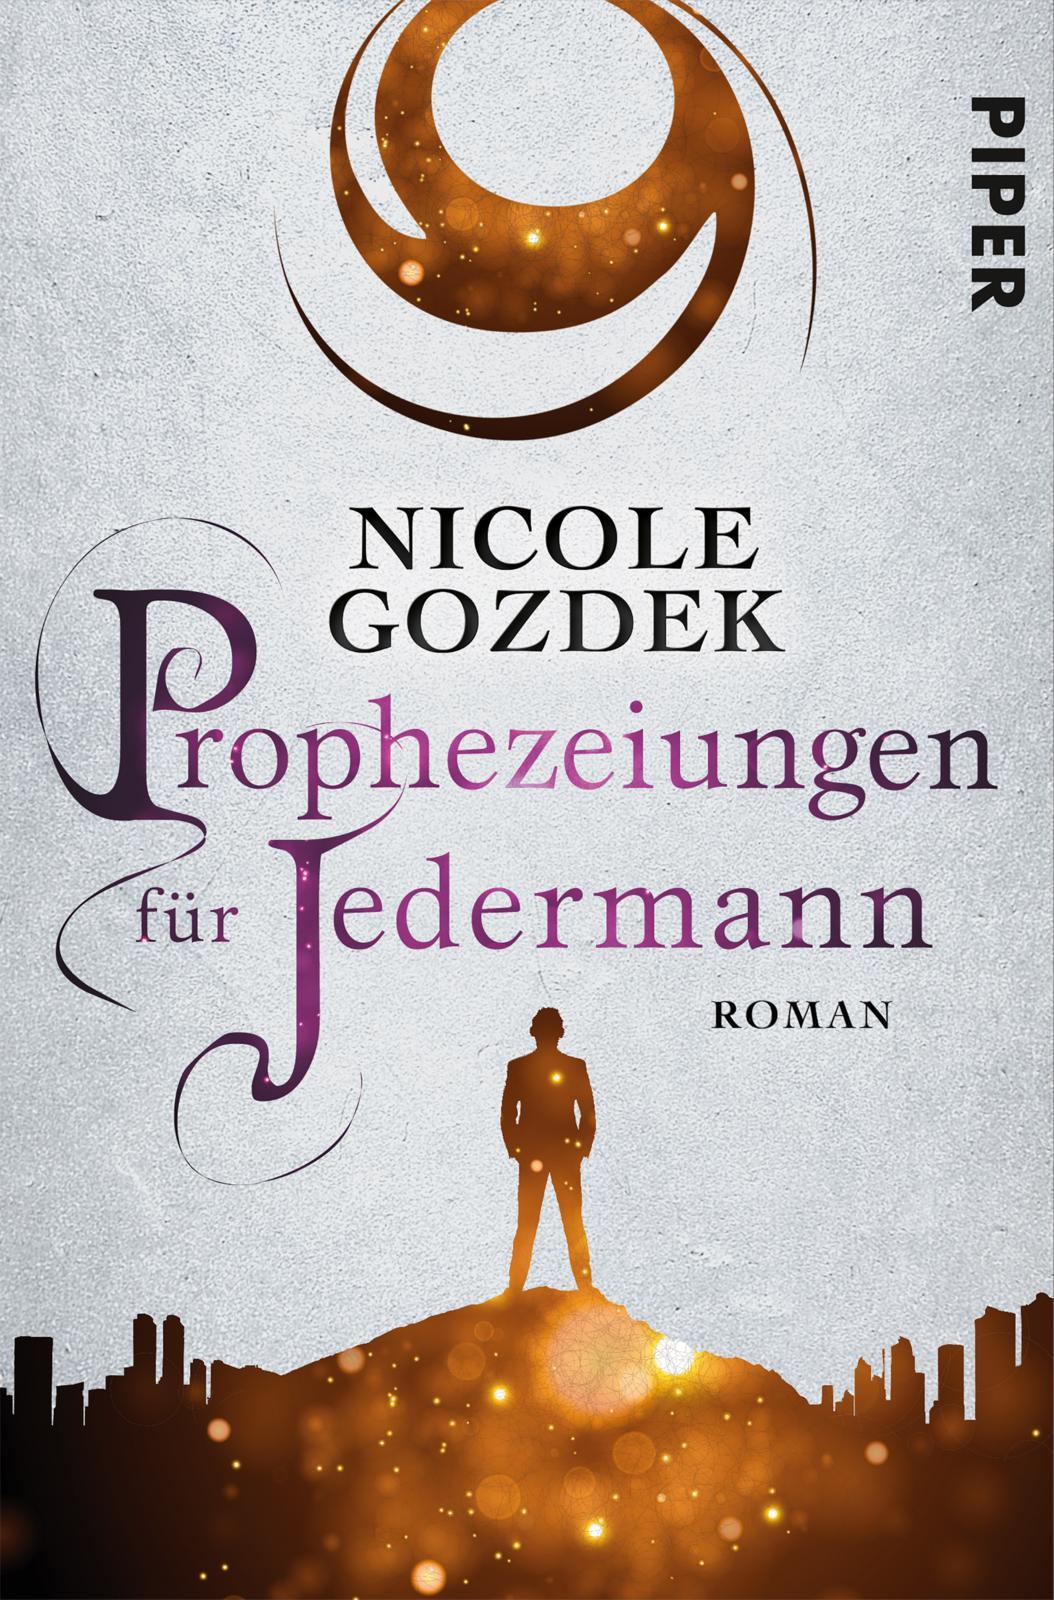 nicole_gozdek_prophezeiungen_fuer_jedermann_phantastik-autoren-netzwerk.jpg